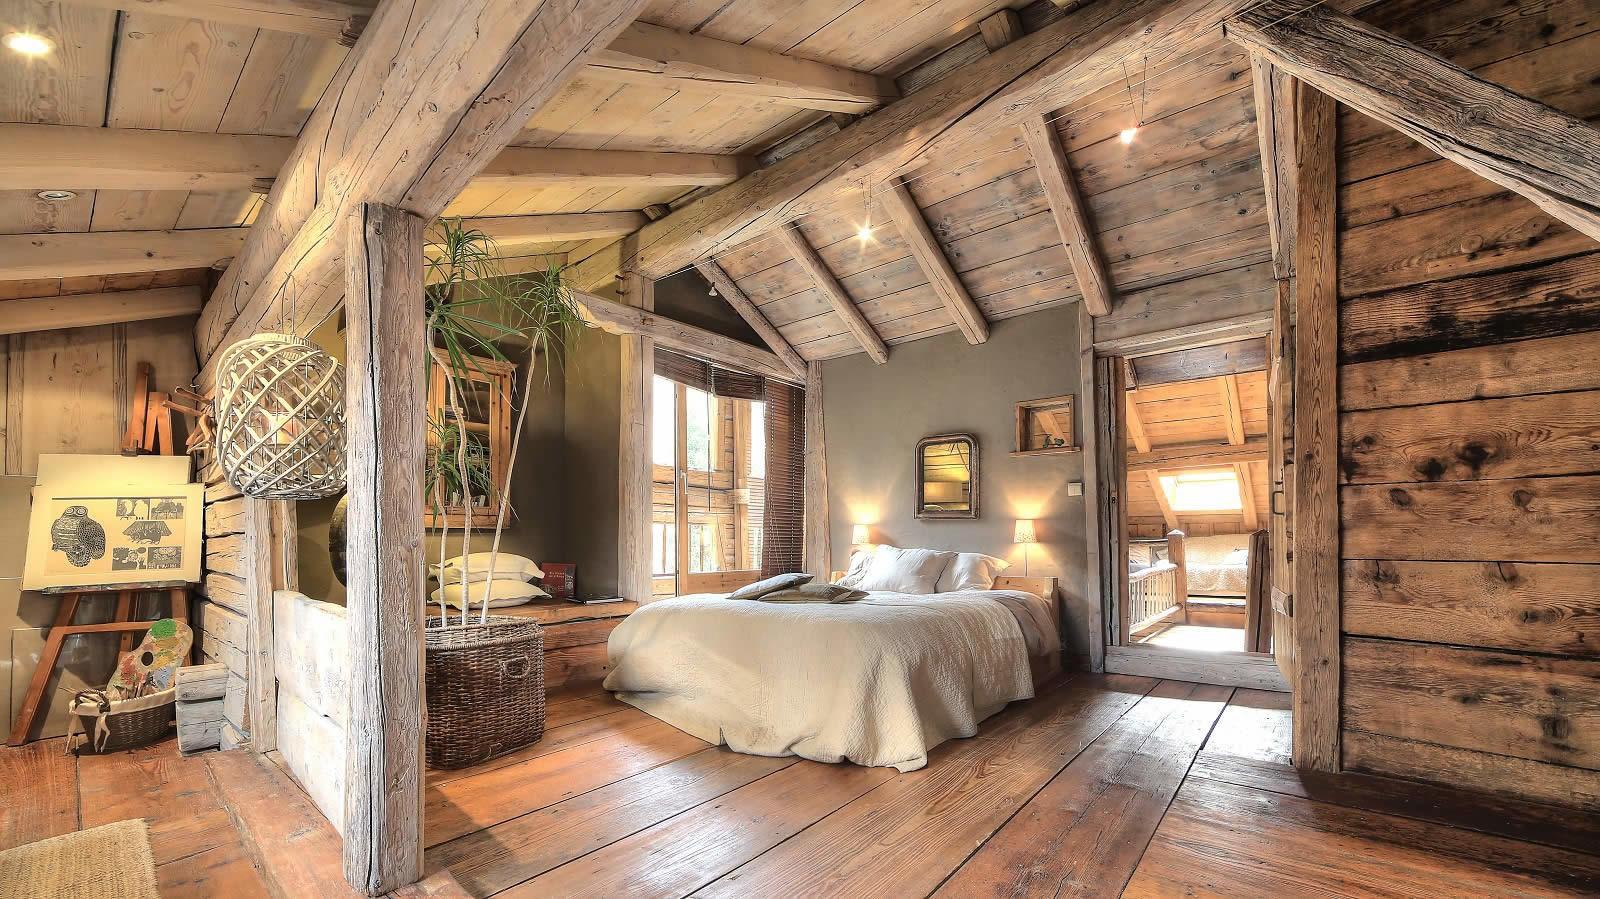 magnifique ferme r nov e dans la vall e de chamonix au hameau de taconnaz vendre vaste pi ce. Black Bedroom Furniture Sets. Home Design Ideas